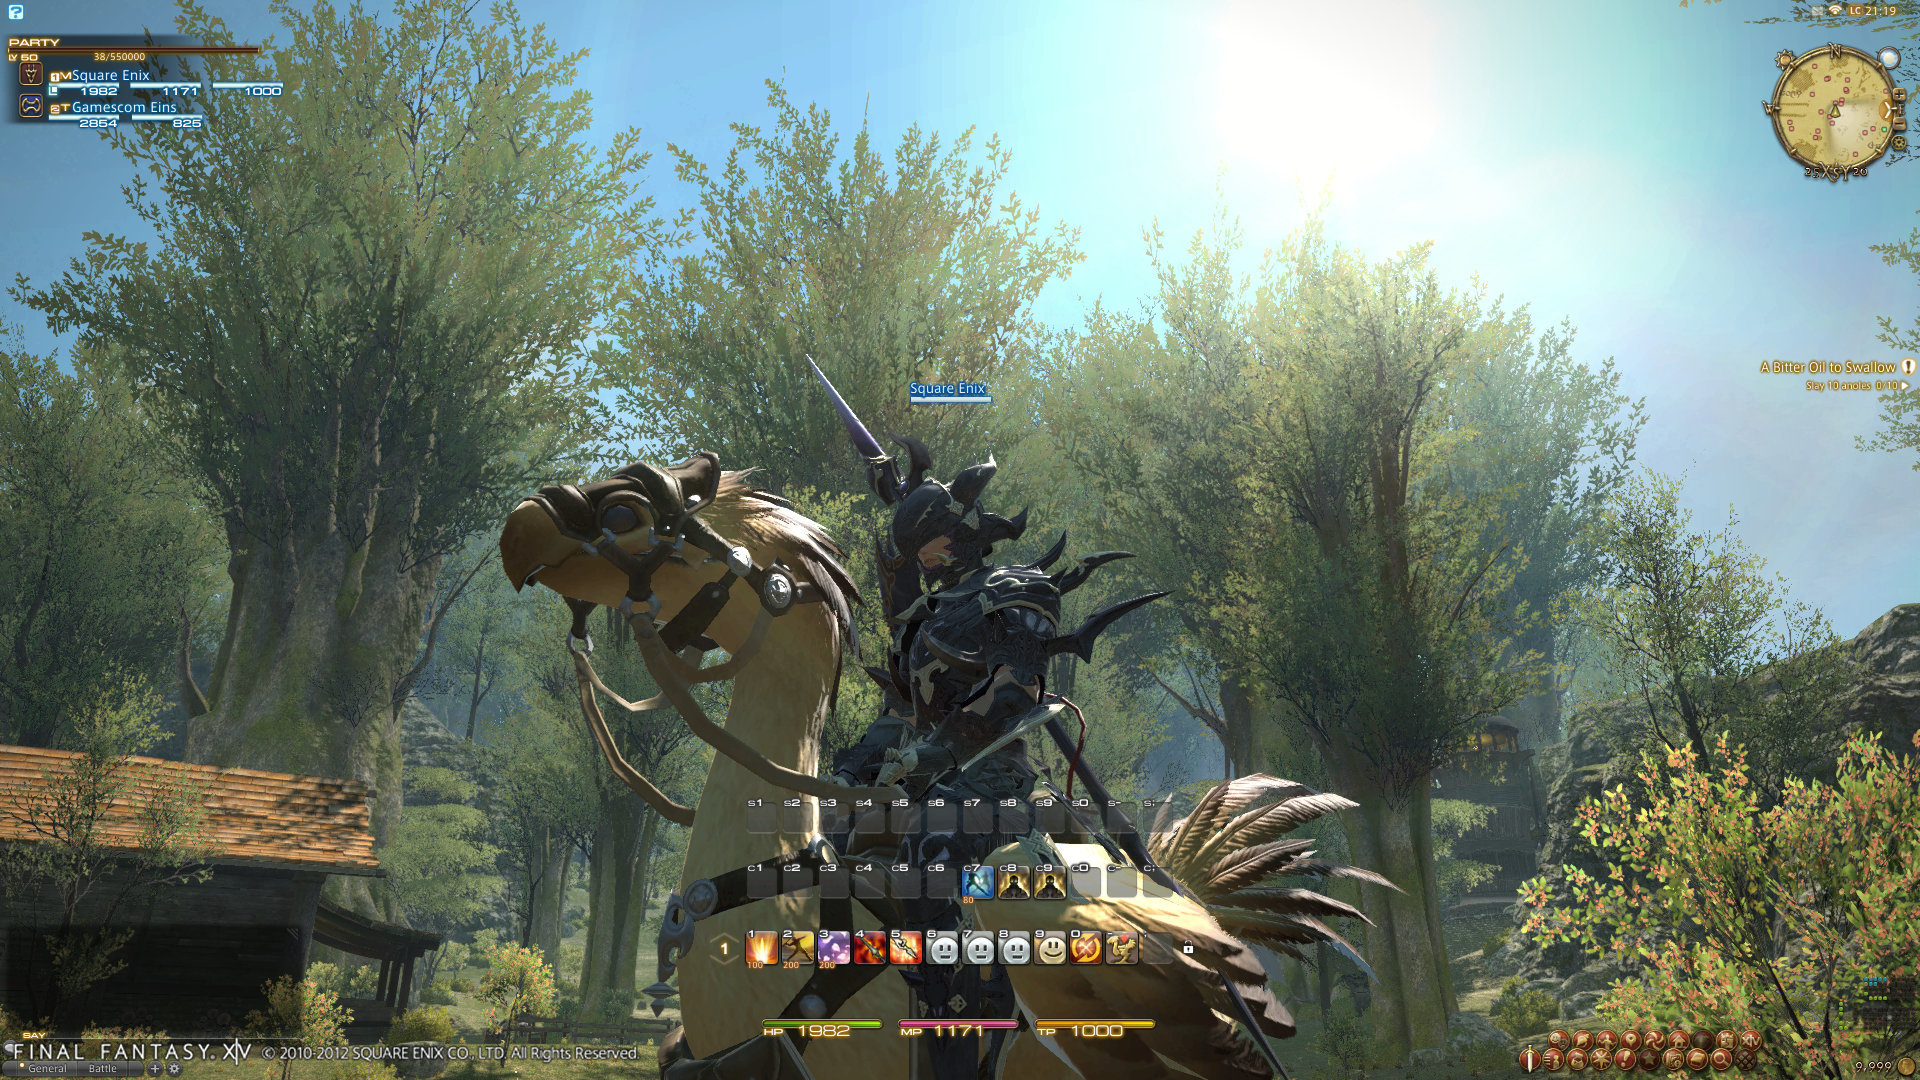 High Resolution Final Fantasy Xiv Ff14 A Realm Reborn Full Hd